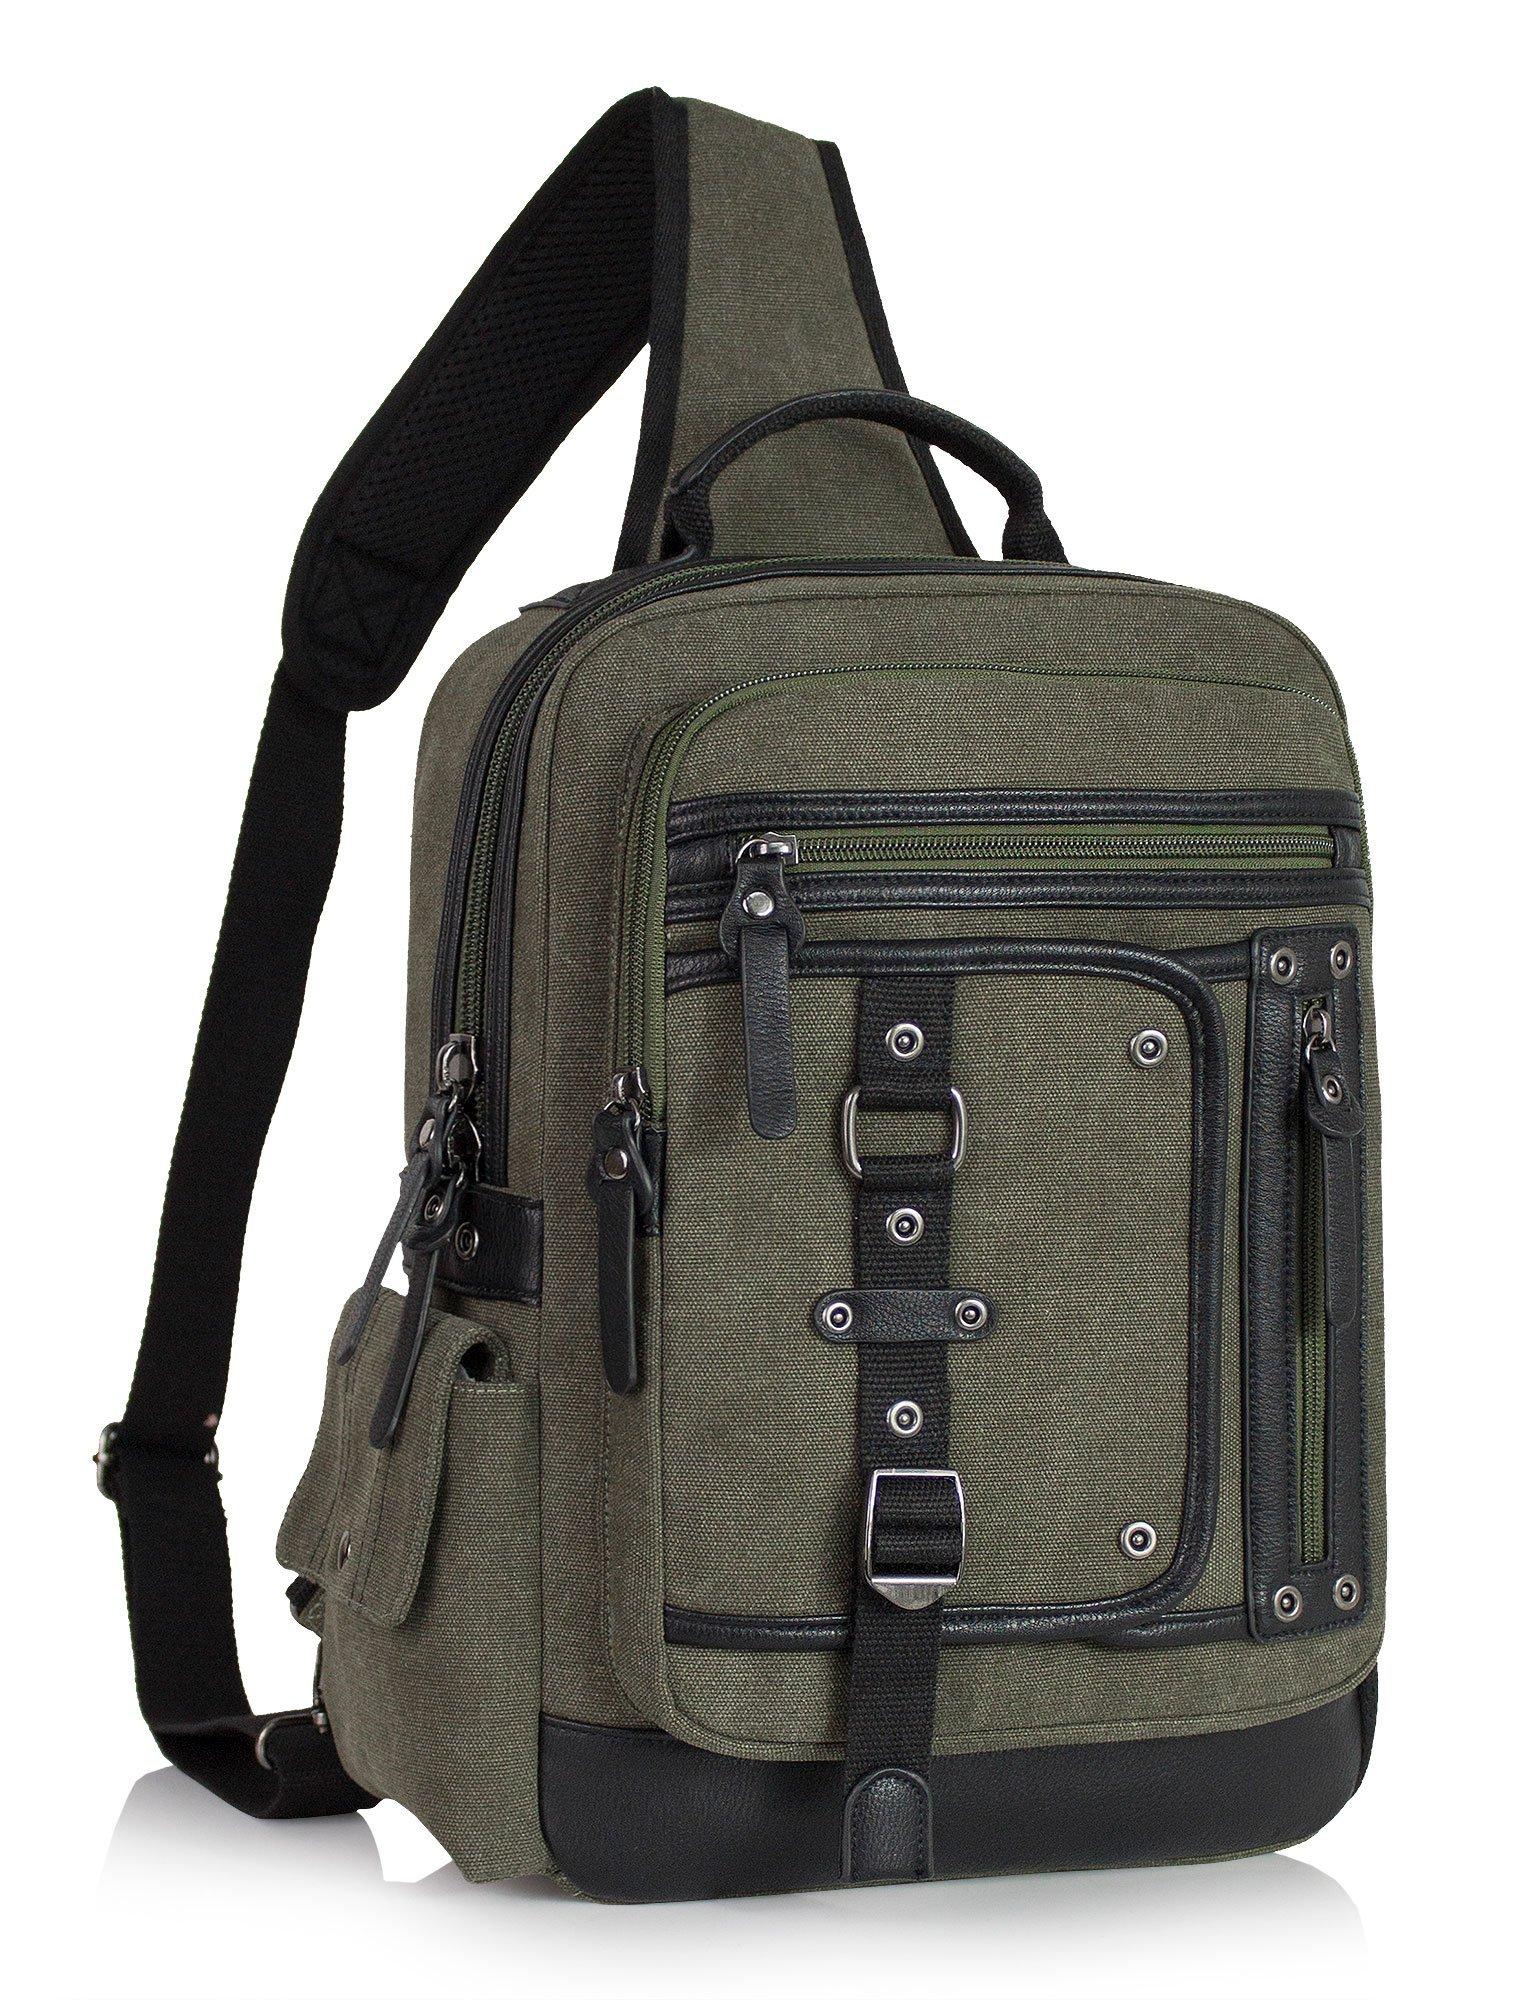 AiLike Canvas Messenger Bag Satchel Pack Crossbody Shoulder Bag for Travel Camping Working School Dark Blue